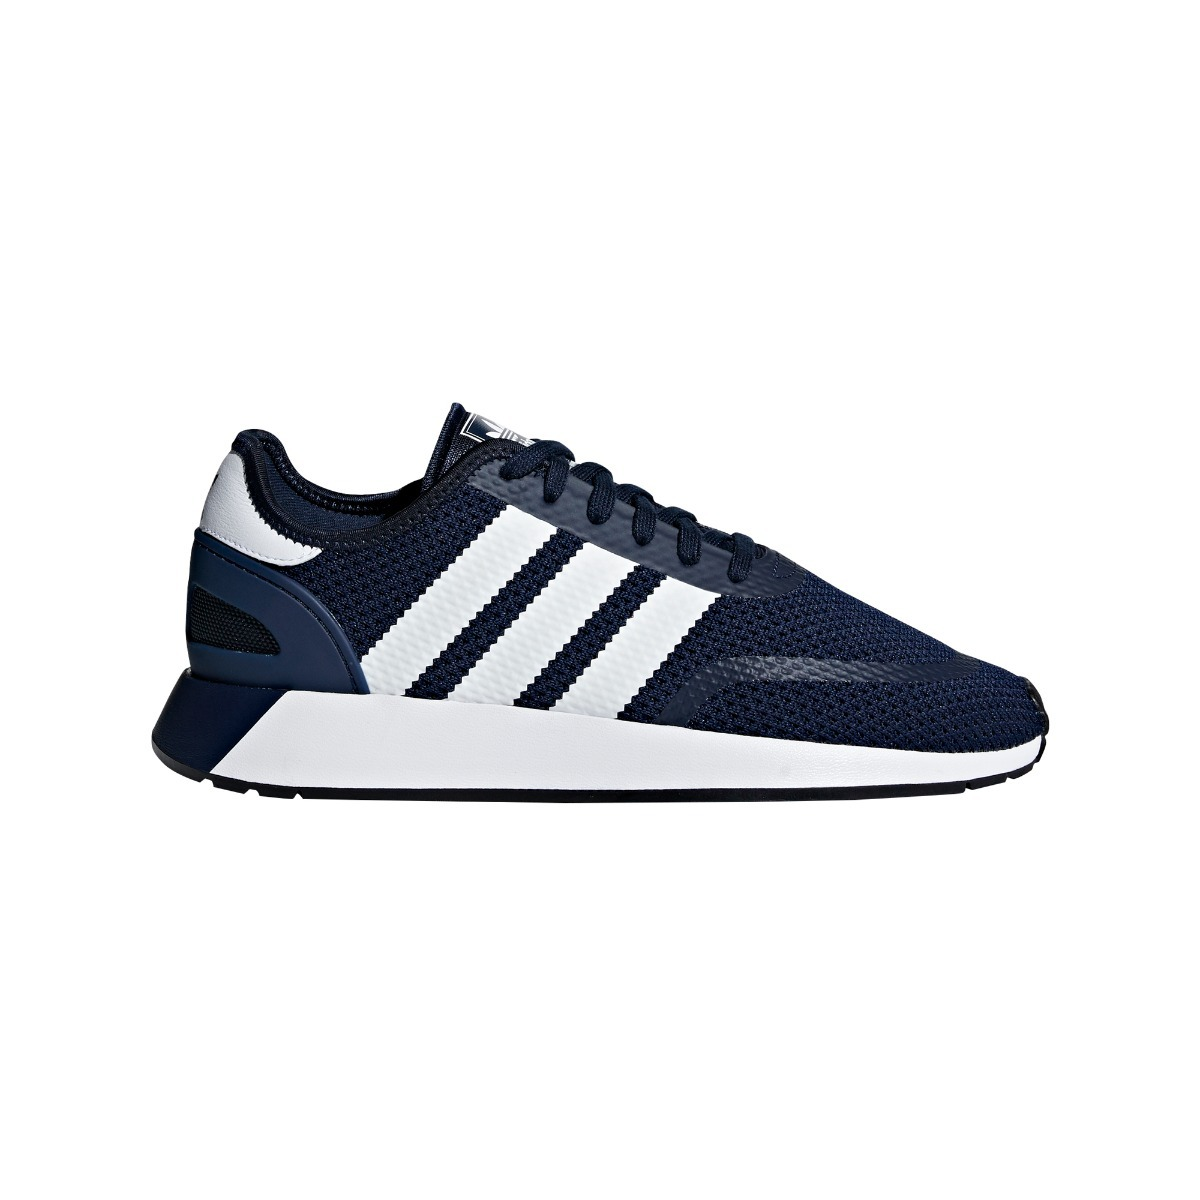 723eed25 Championes adidas Hombre N-5923 B37959 - Zooko - $ 3.490,00 en ...